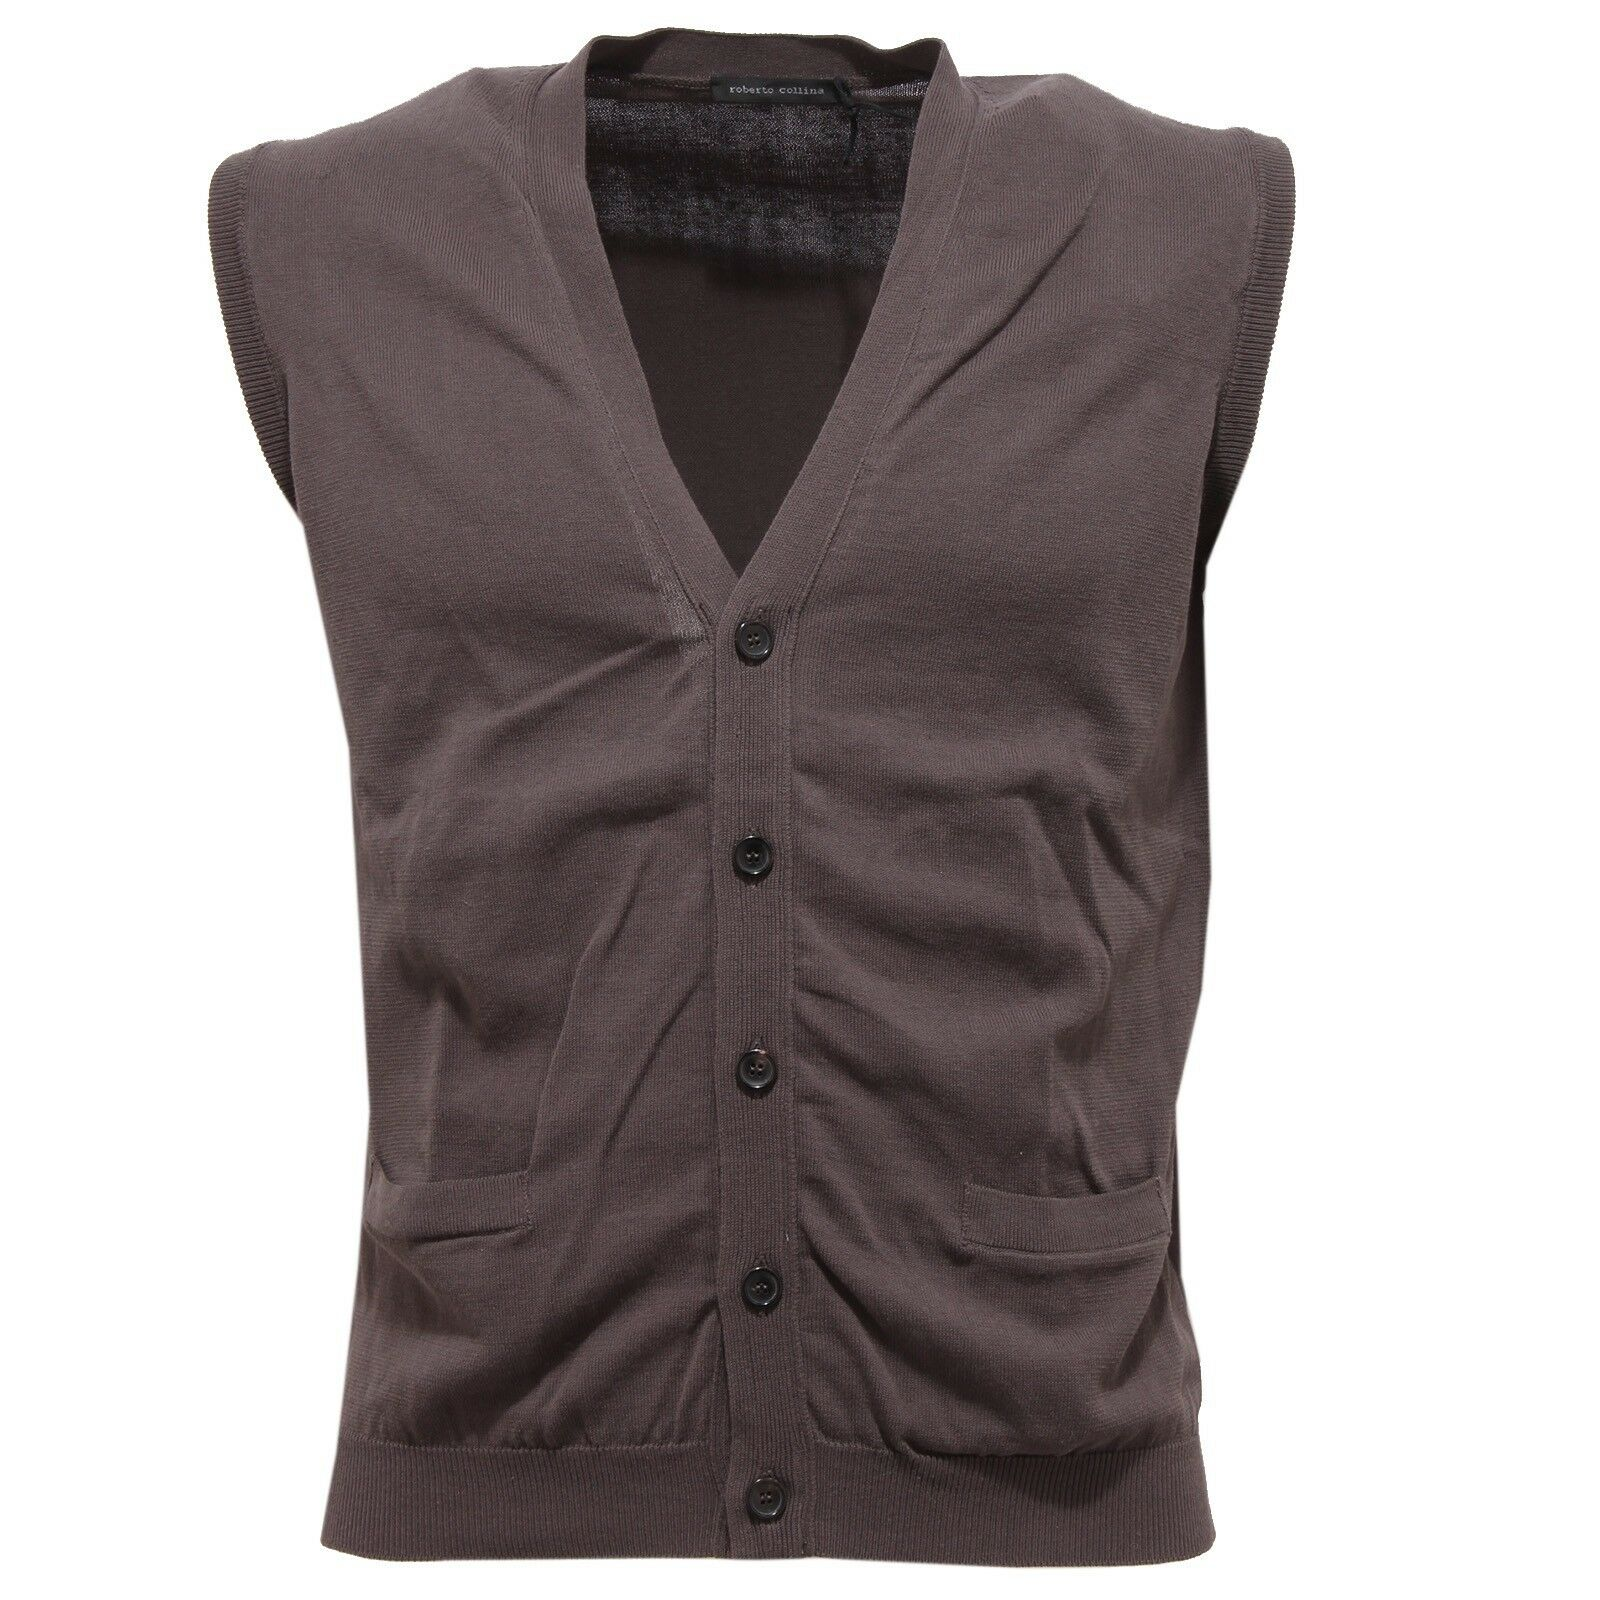 82581 smanicato ROBERTO COLLINA COTONE maglione uomo sleeveless sweater men